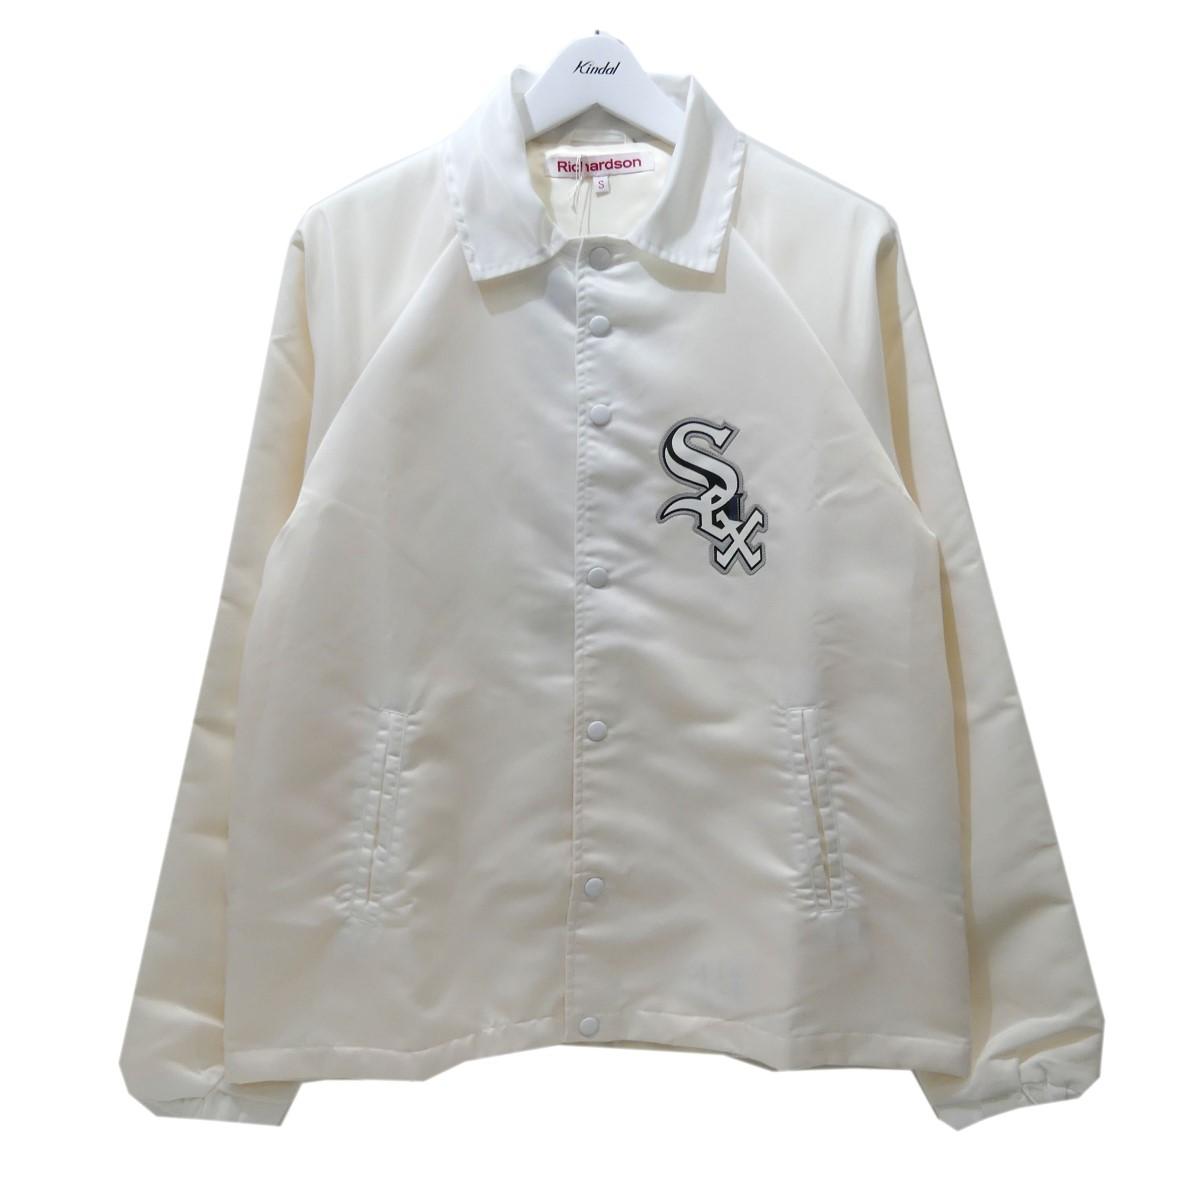 【中古】Richardson ナイロンコーチジャケット ホワイト サイズ:S 【090820】(リチャードソン)